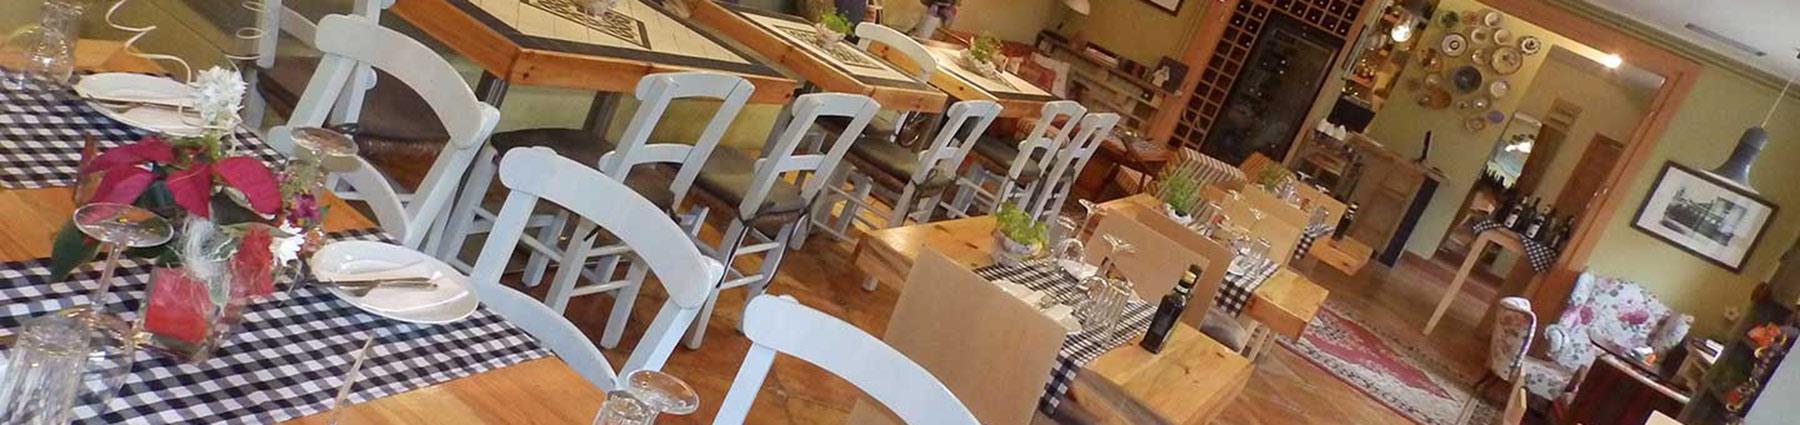 Restoran Dvorište